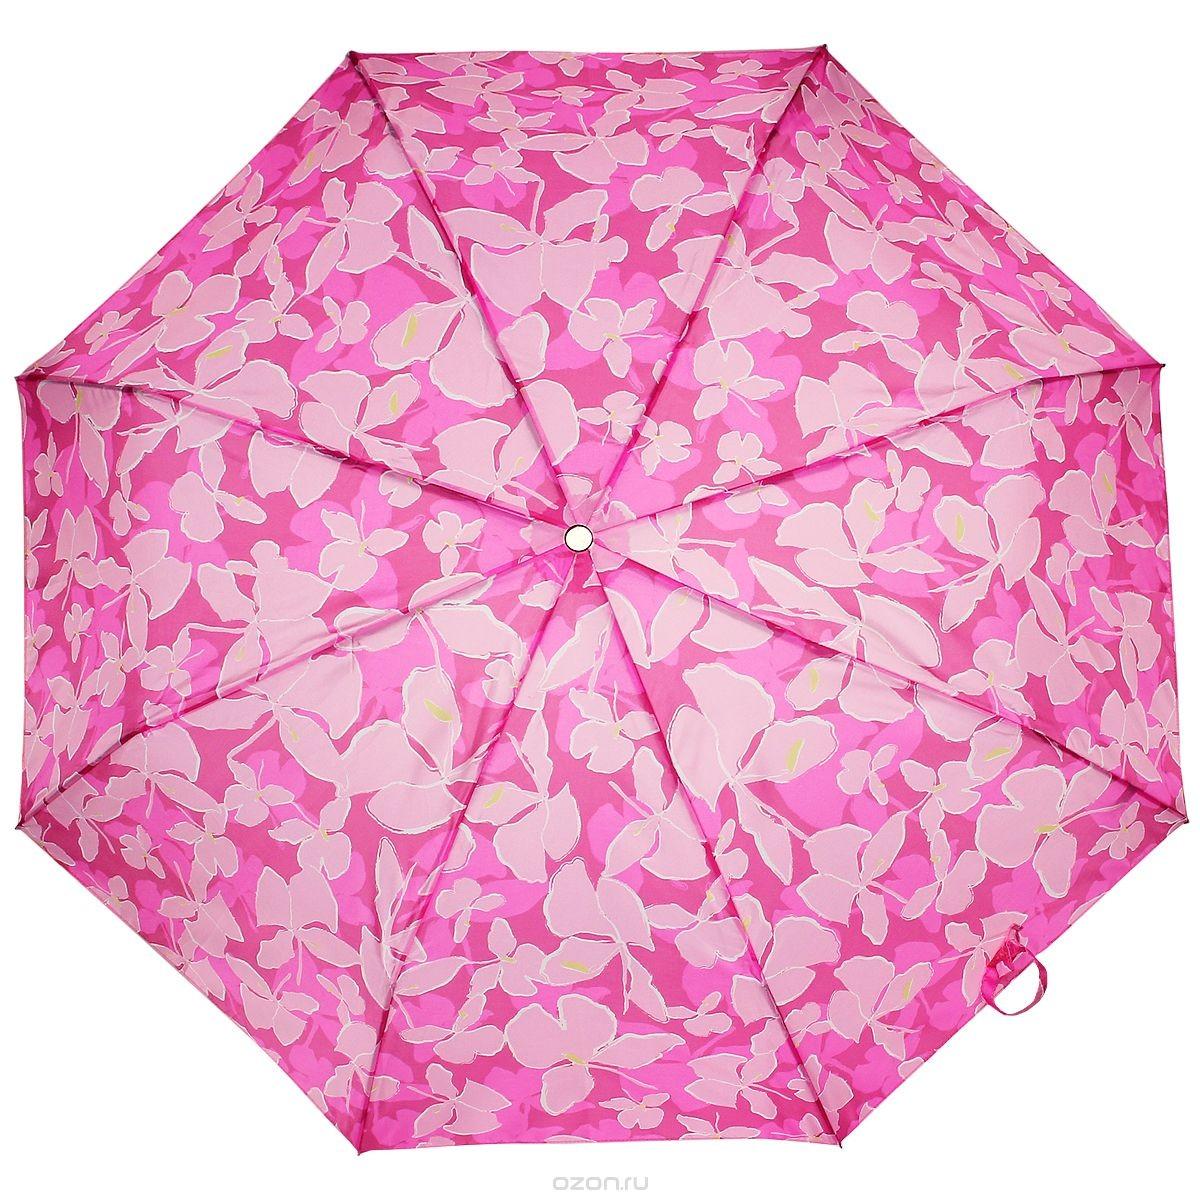 Женский розовый зонт-автомат 3 сложения Edmin